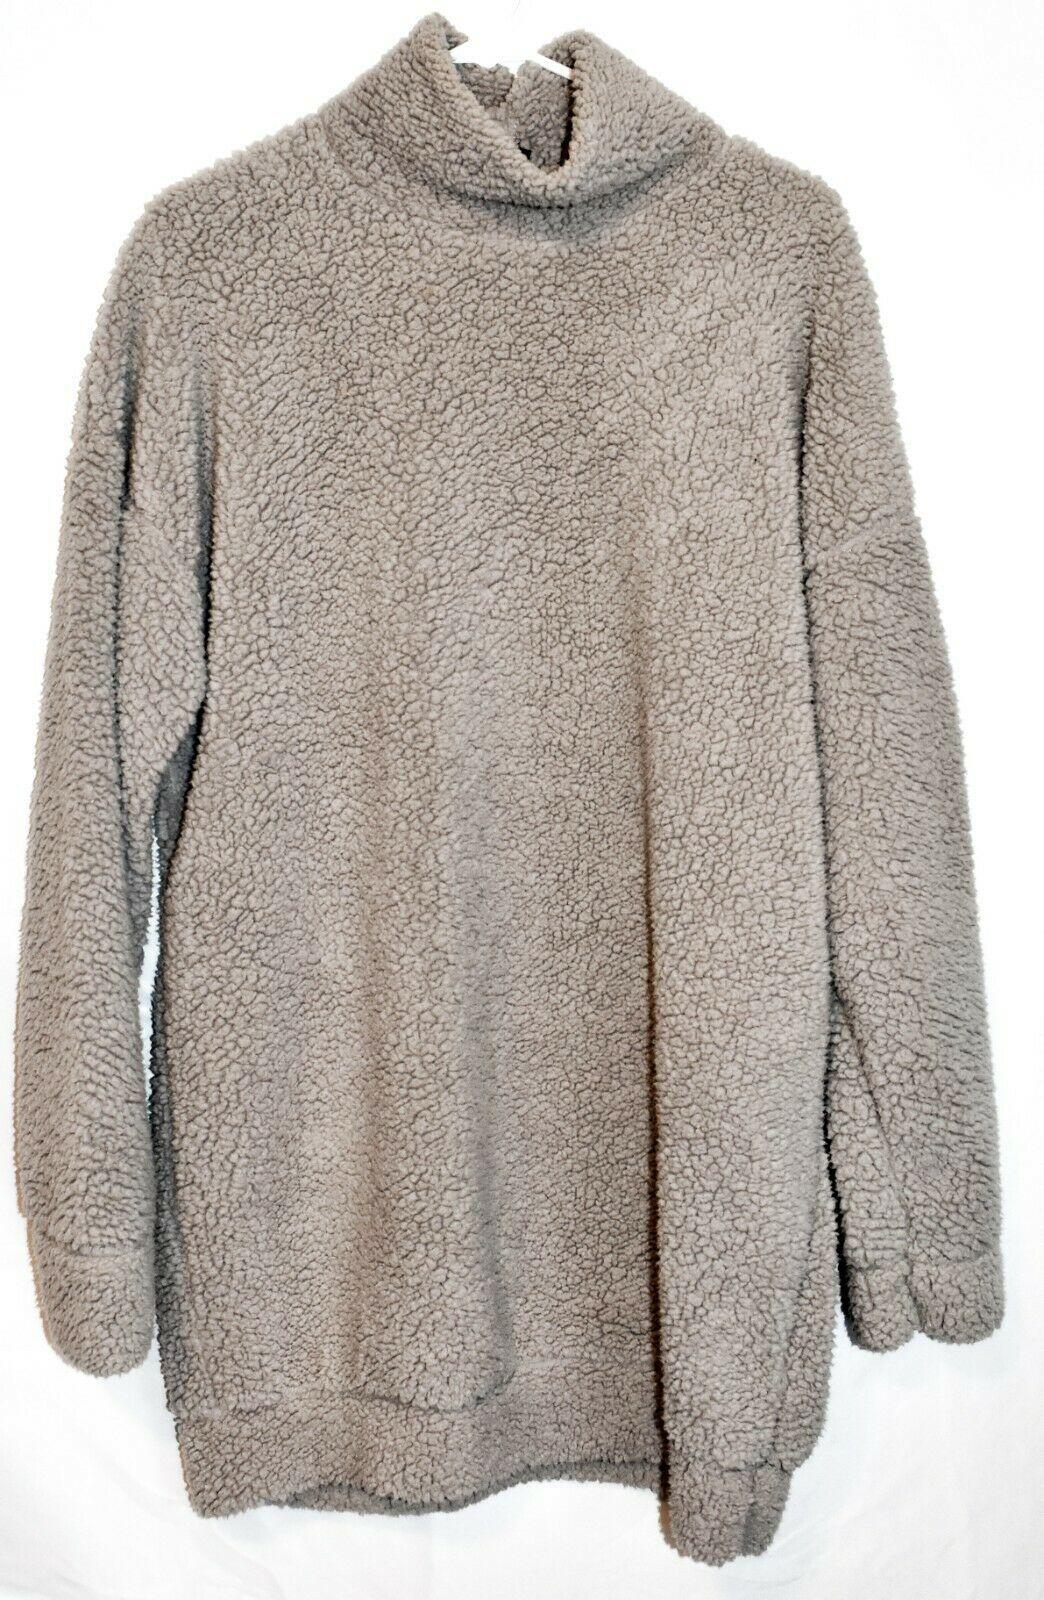 Missguided Women's Grey Oversized Fleece Sweater Dress US 4   UK 8   EUR 36